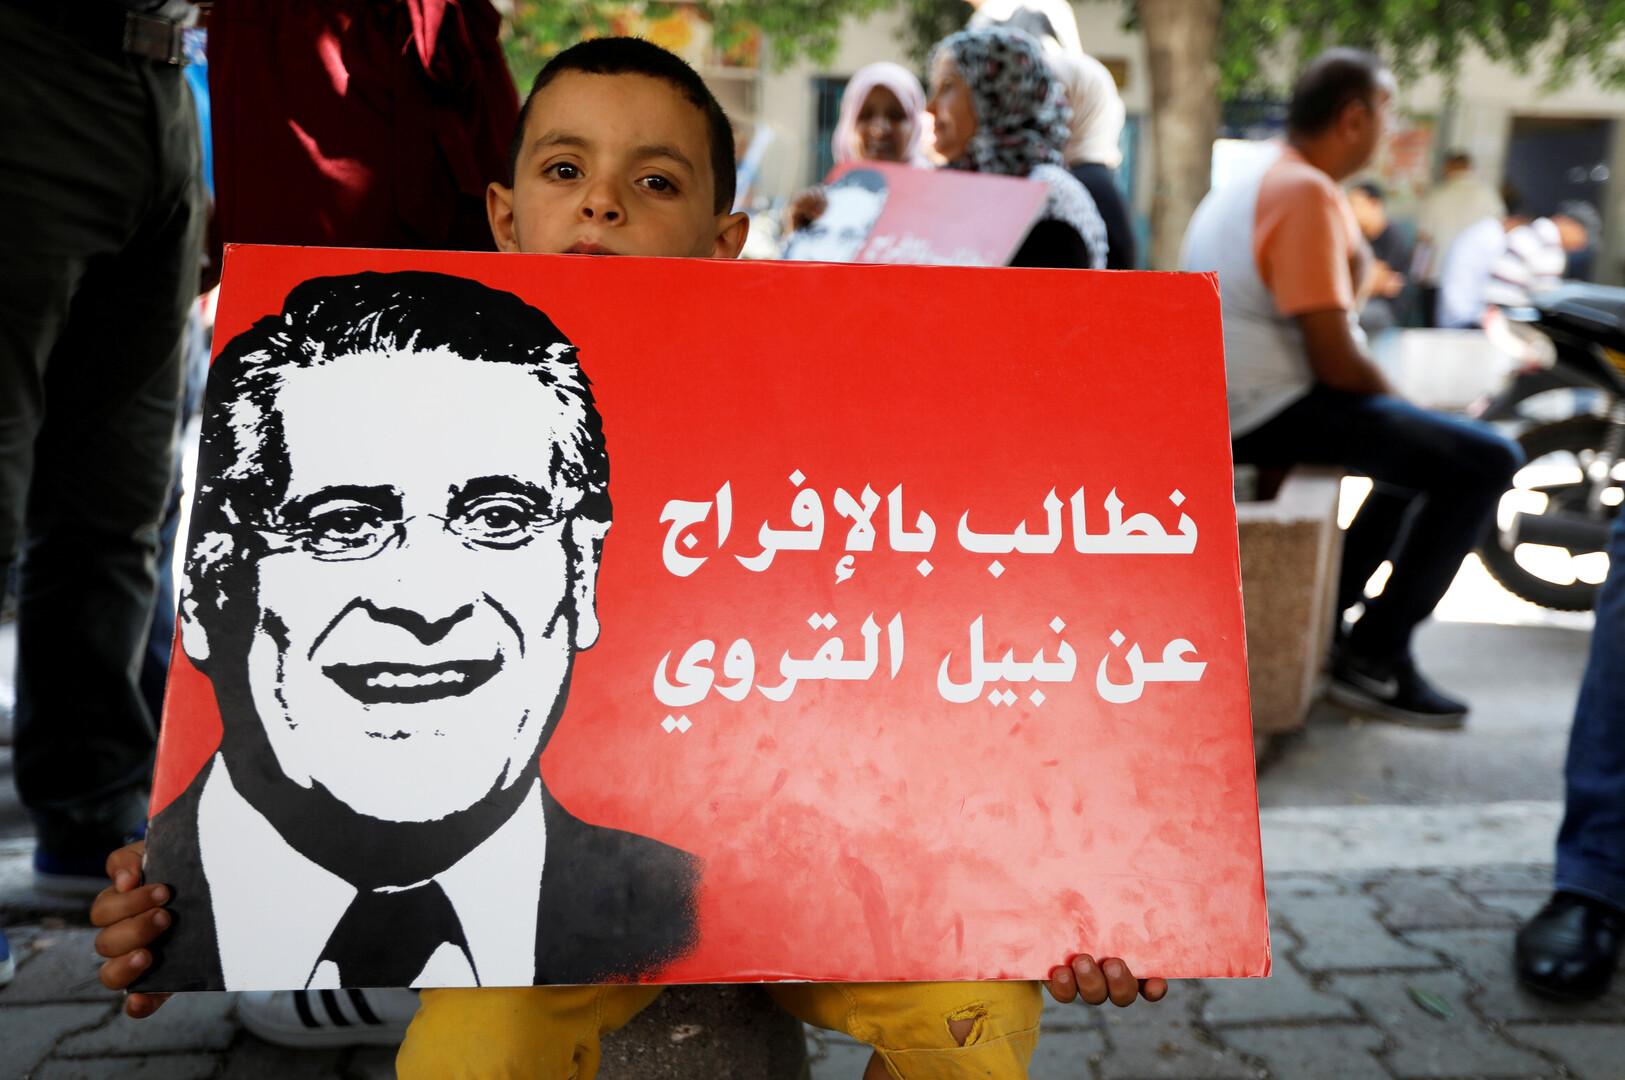 تصريحات نارية للمرشح الرئاسي التونسي المسجون